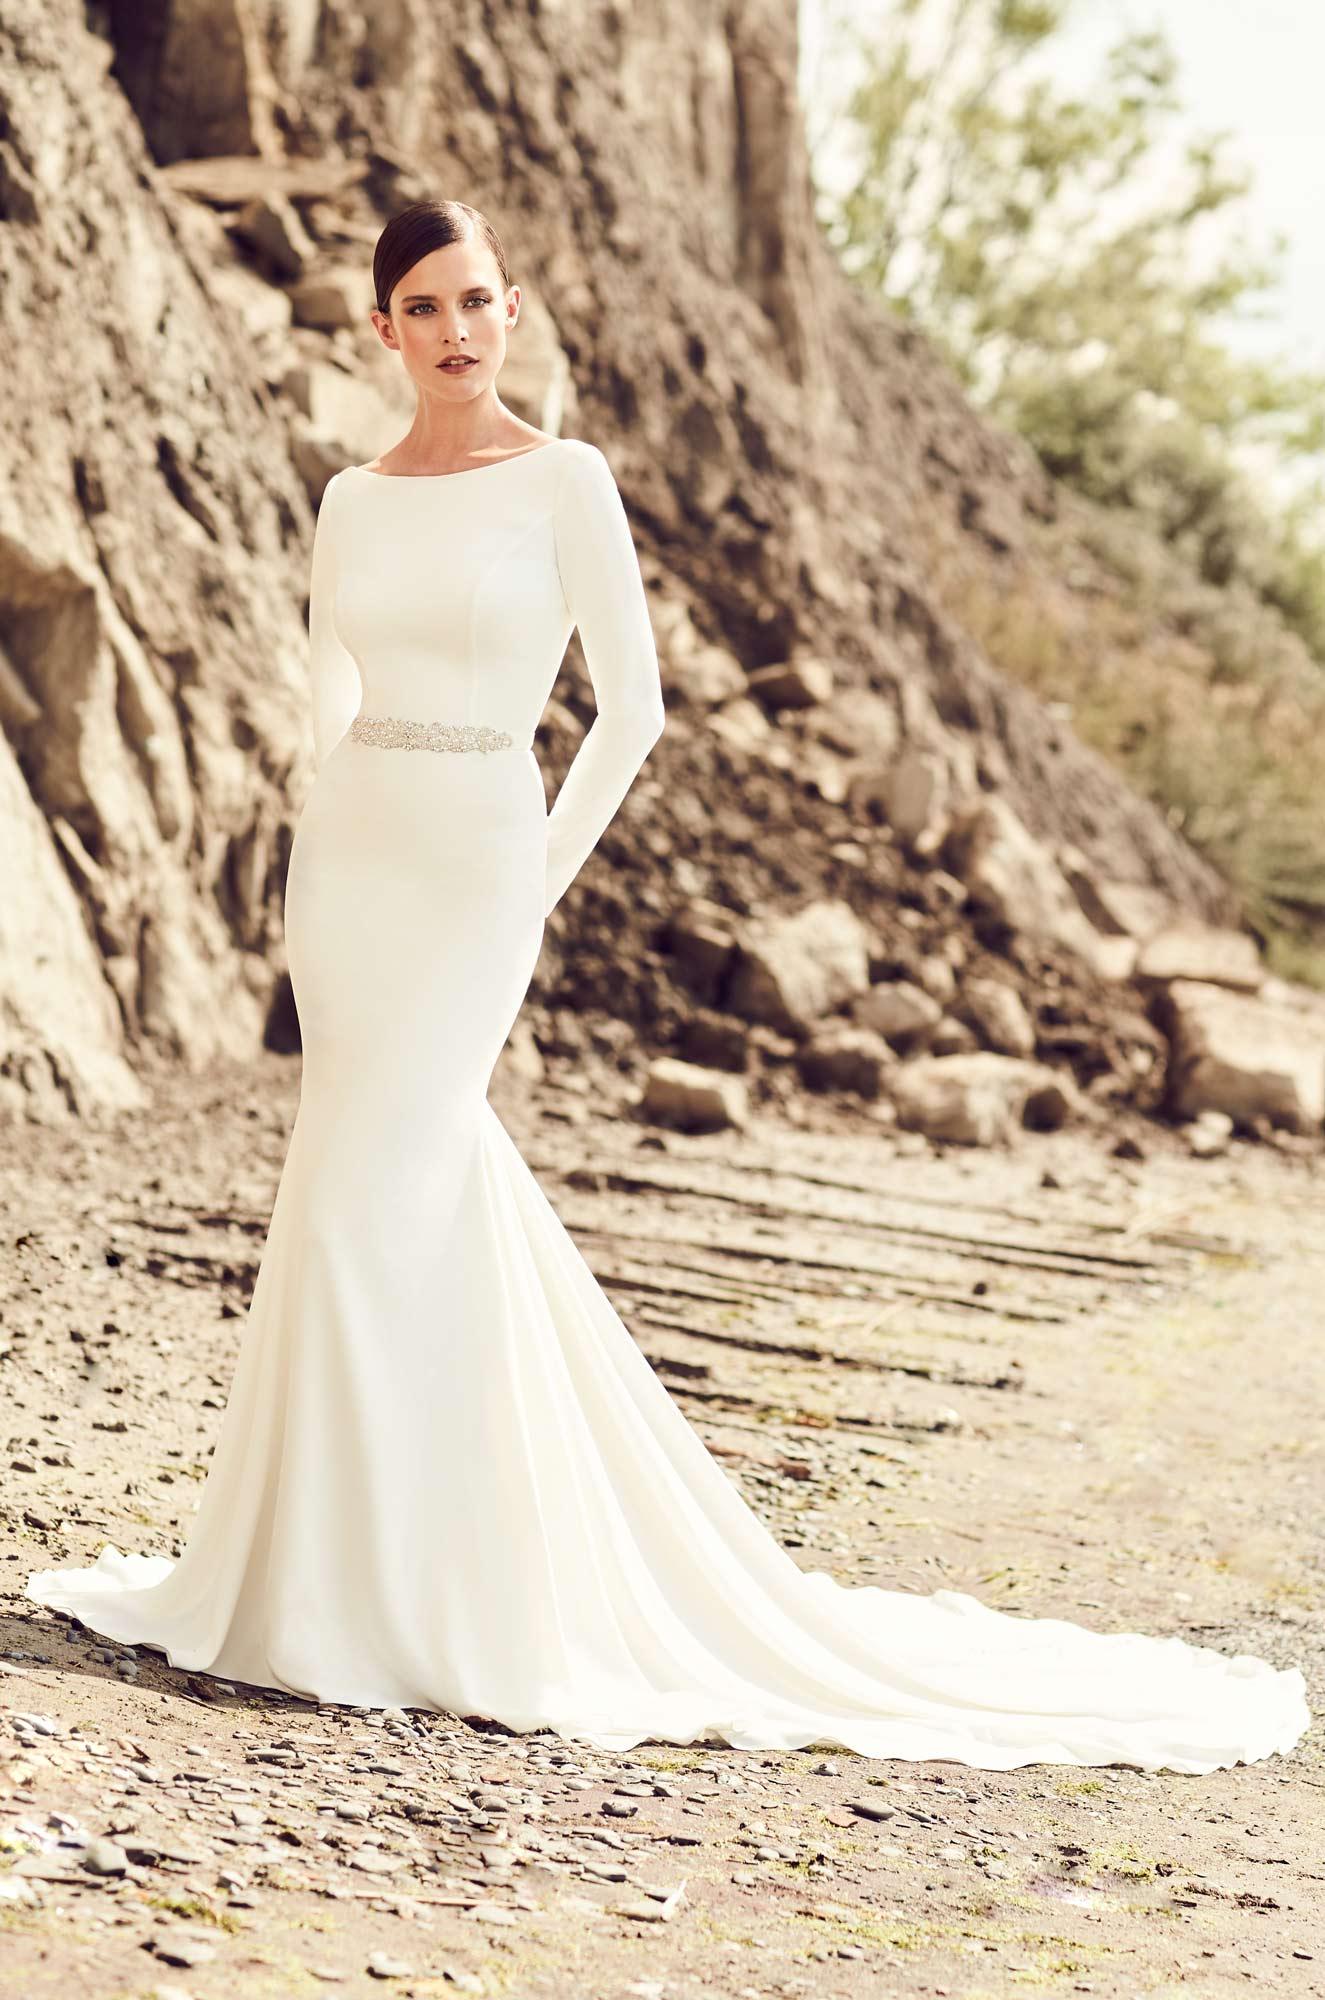 High neckline wedding dress style 2105 mikaella bridal for Wedding dress neckline styles